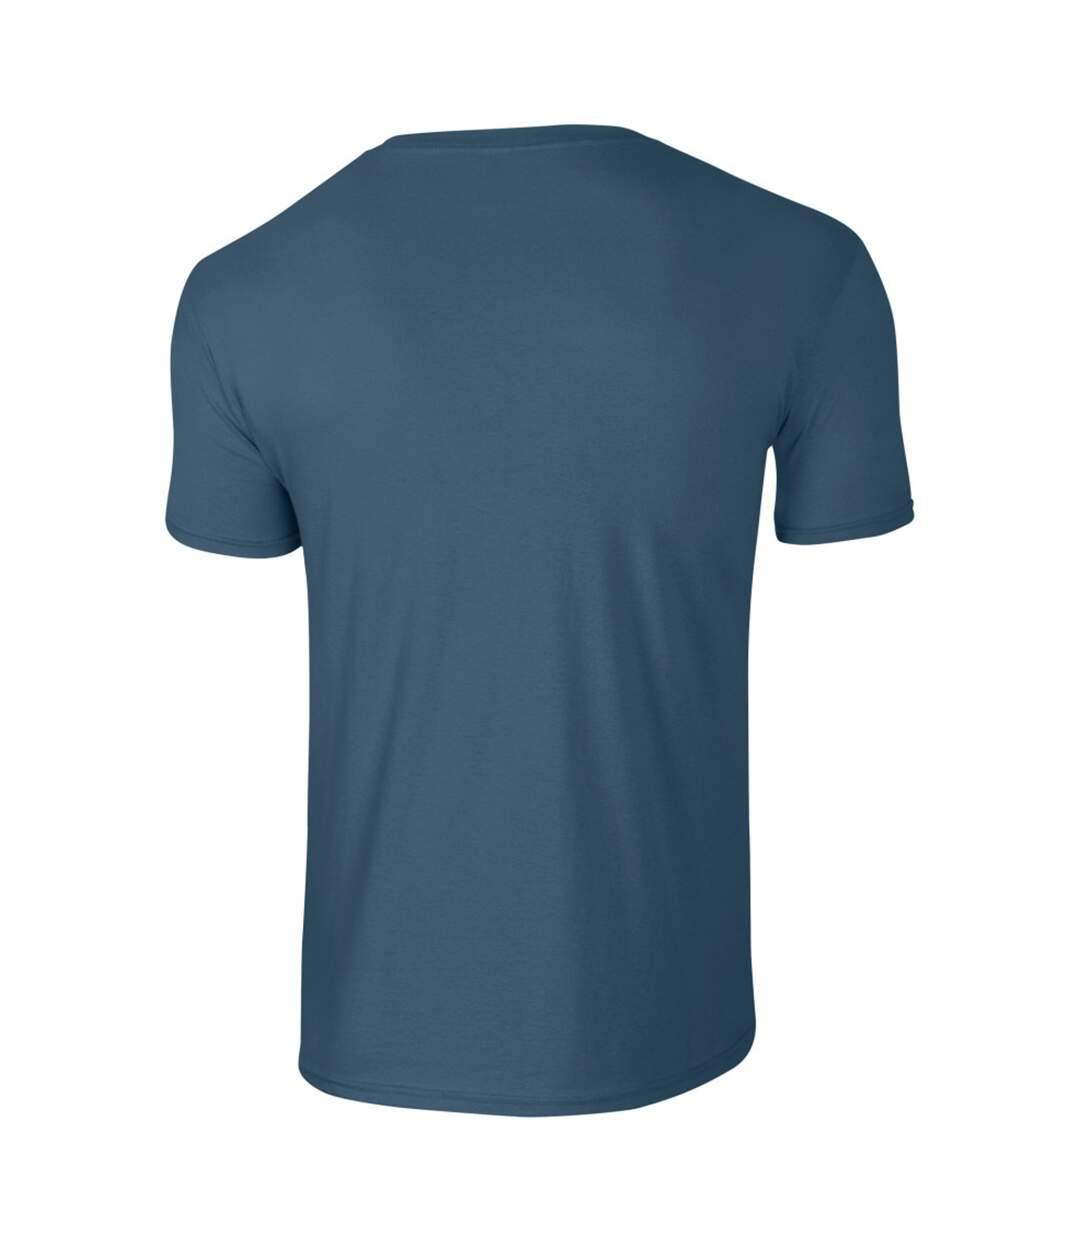 Gildan Mens Short Sleeve Soft-Style T-Shirt (Orange) - UTBC484